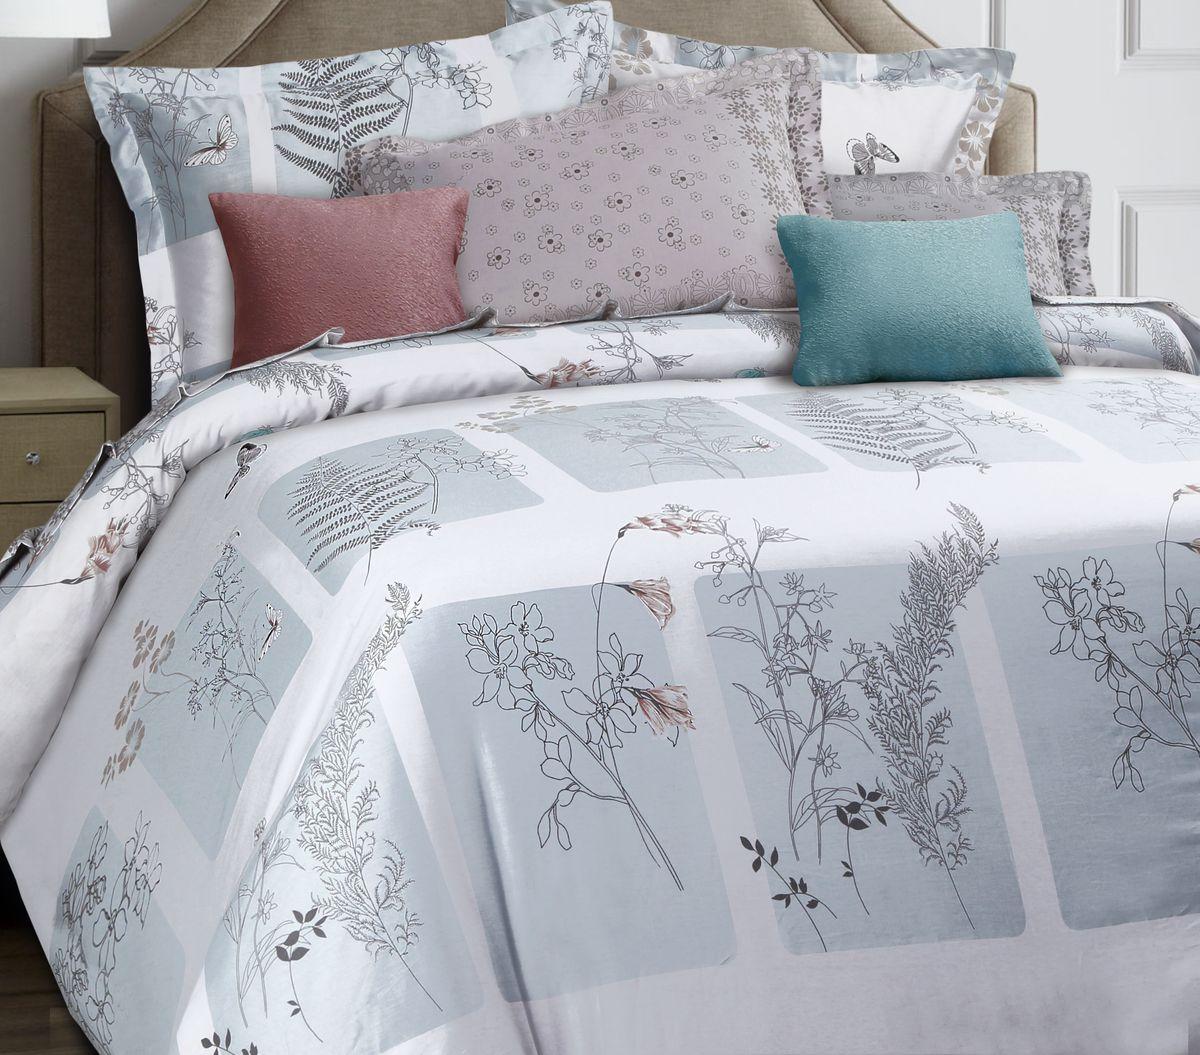 Комплект белья Mona Liza Premium. Stile, 1.5-спальный, наволочки 70х705047/017Комплект постельного белья Mona Liza выполнен из сатина (100% хлопок), состоит из пододеяльника, простыни и двух наволочек. Изделия оформлены цветочным принтом и декоративной отделкой.Такой изящный комплект, упакованный в чемоданчик, подойдет для любого стилевого и цветового решения интерьера, а также создаст в доме уют.